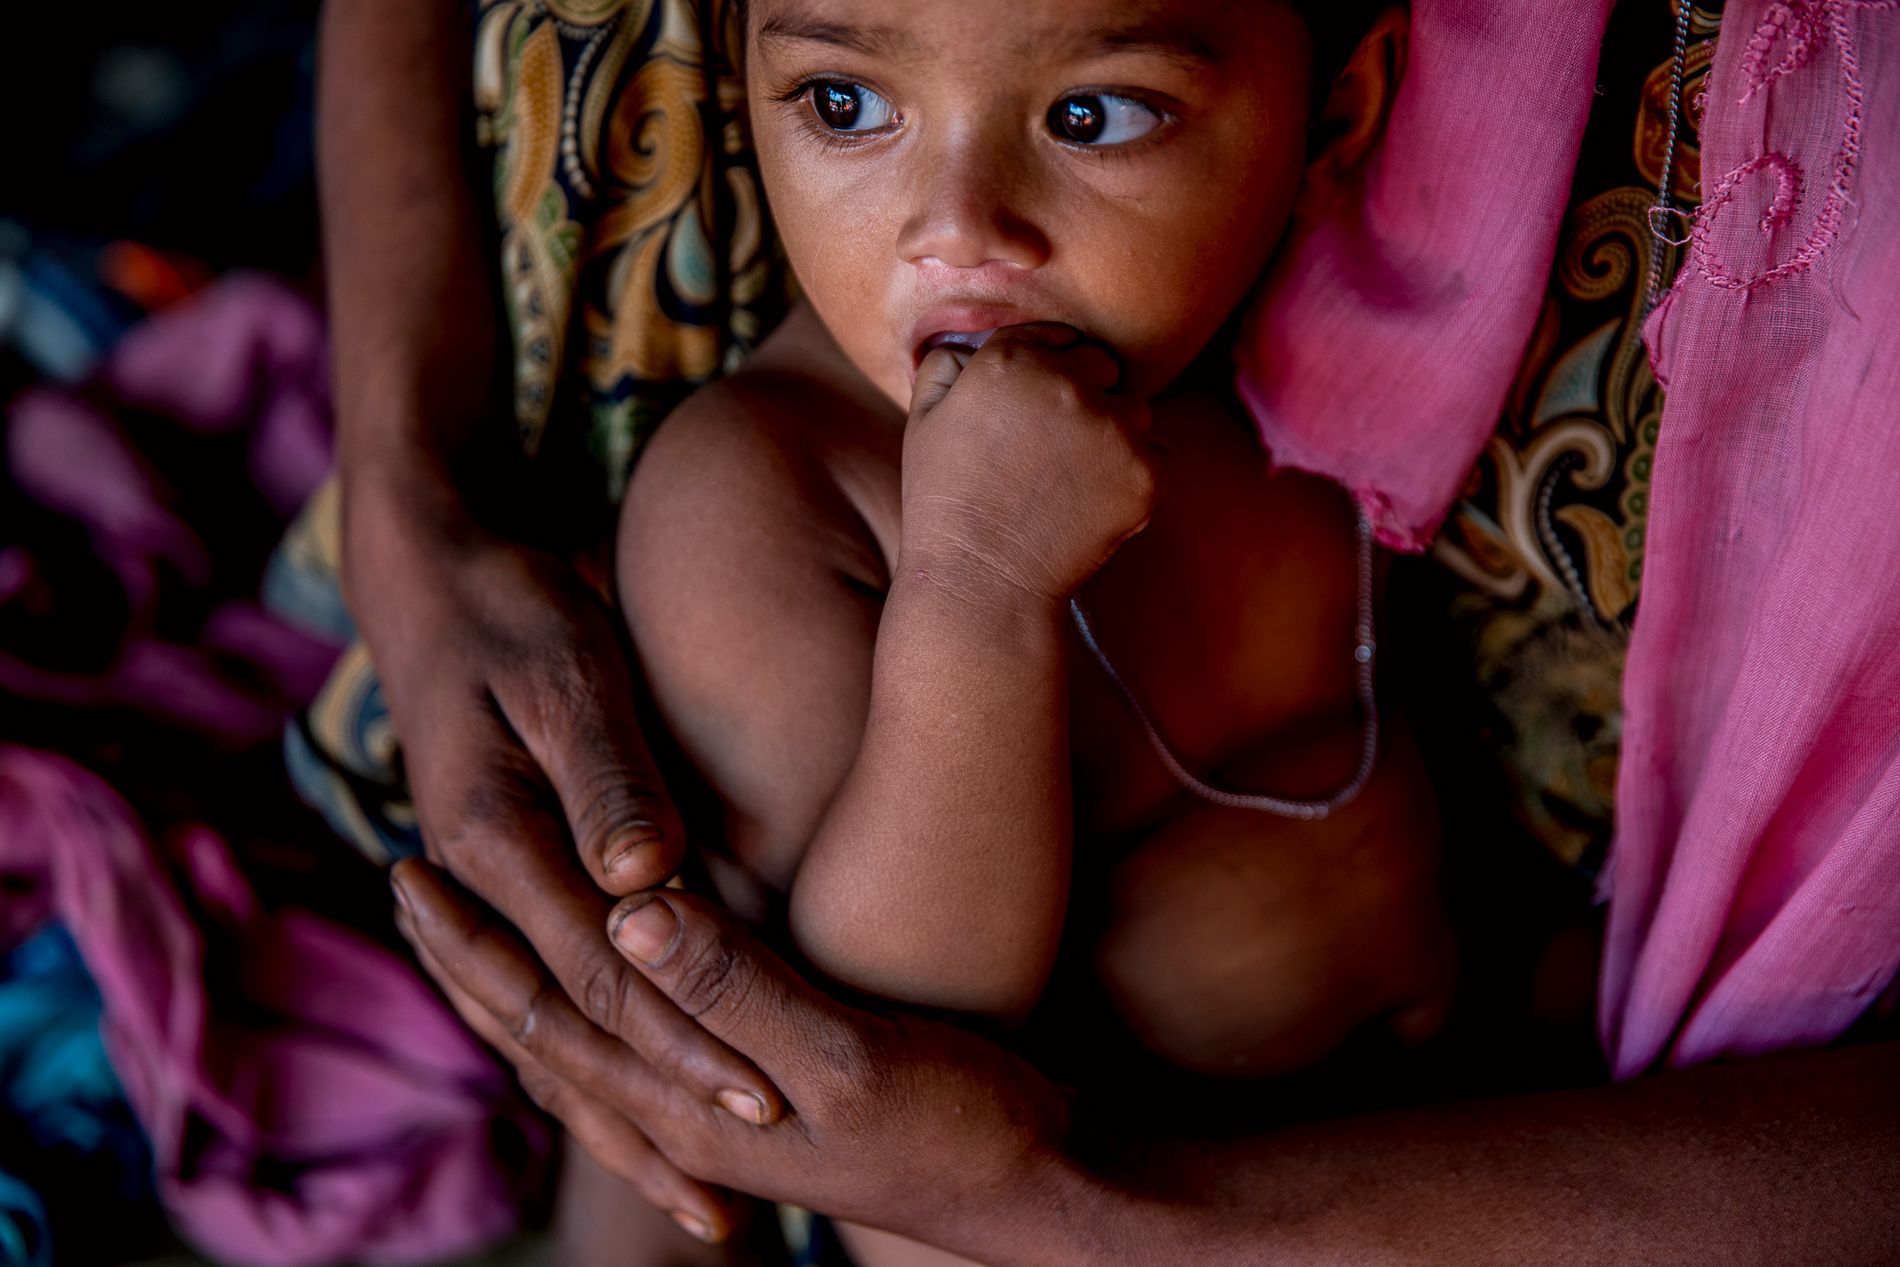 REDDET: Ett år gamle Mobasherza var i livsfare, men er nå trygg inntil moren.